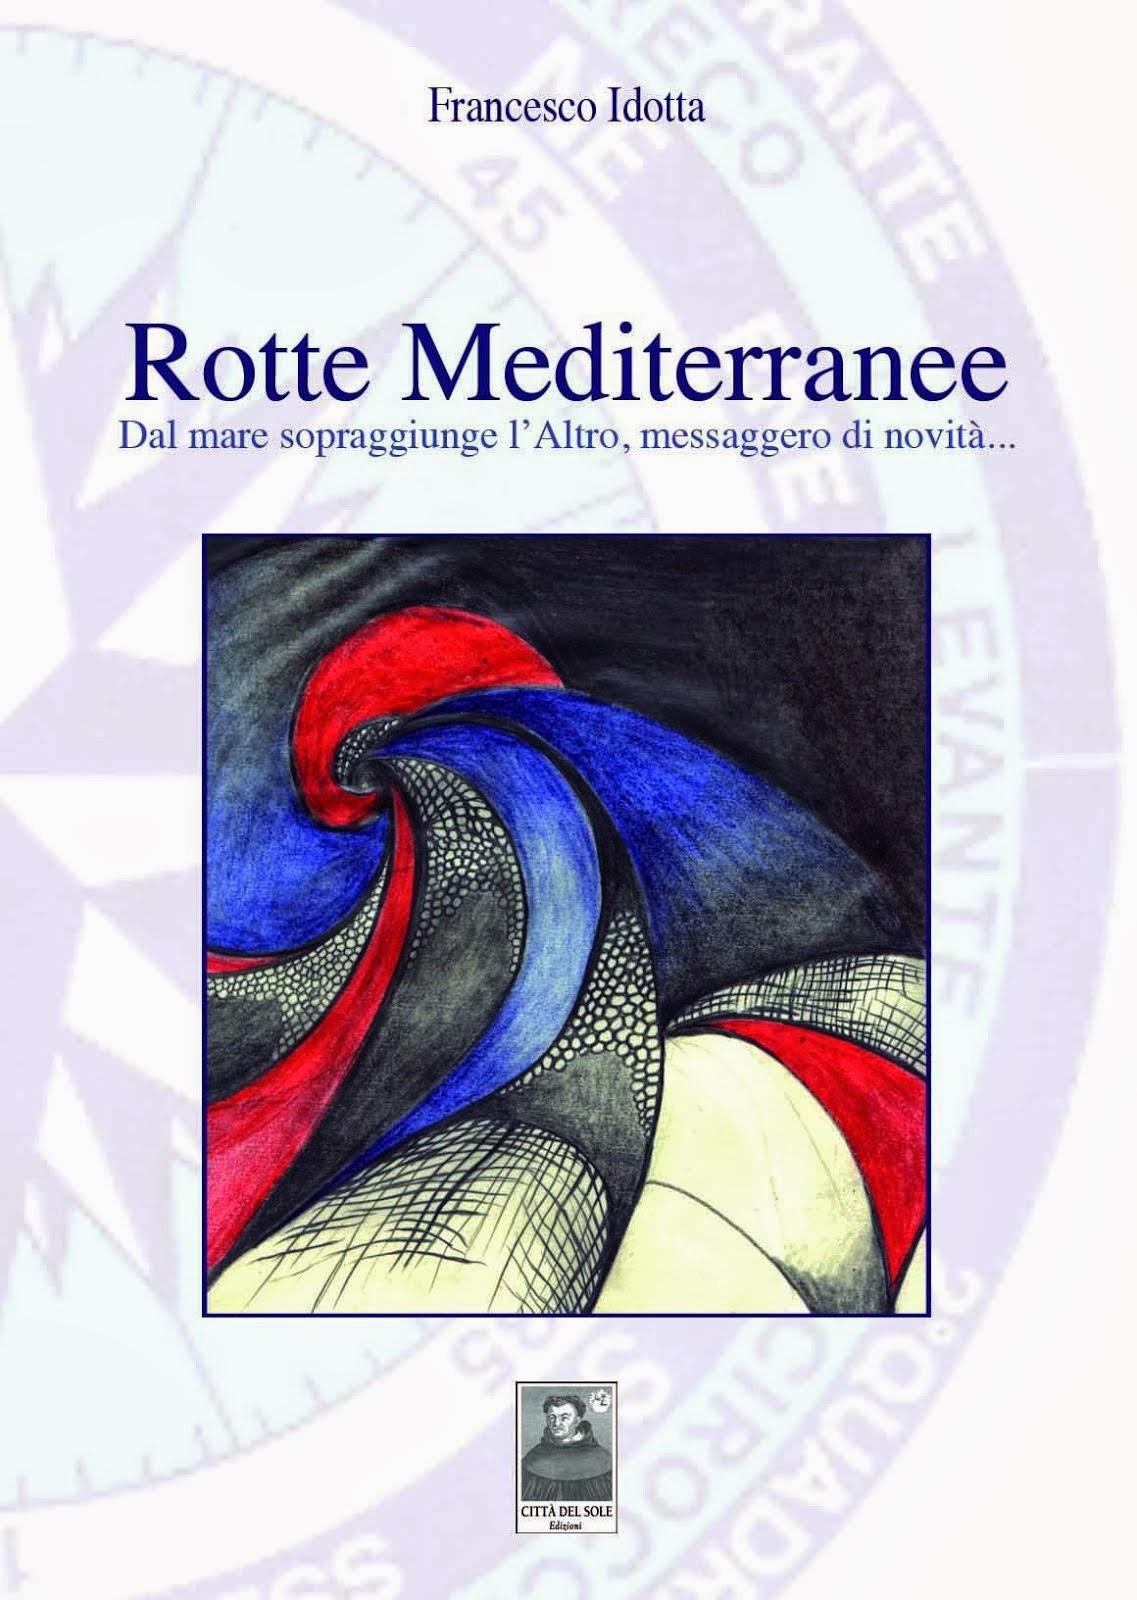 ROTTE MEDITERRANEE